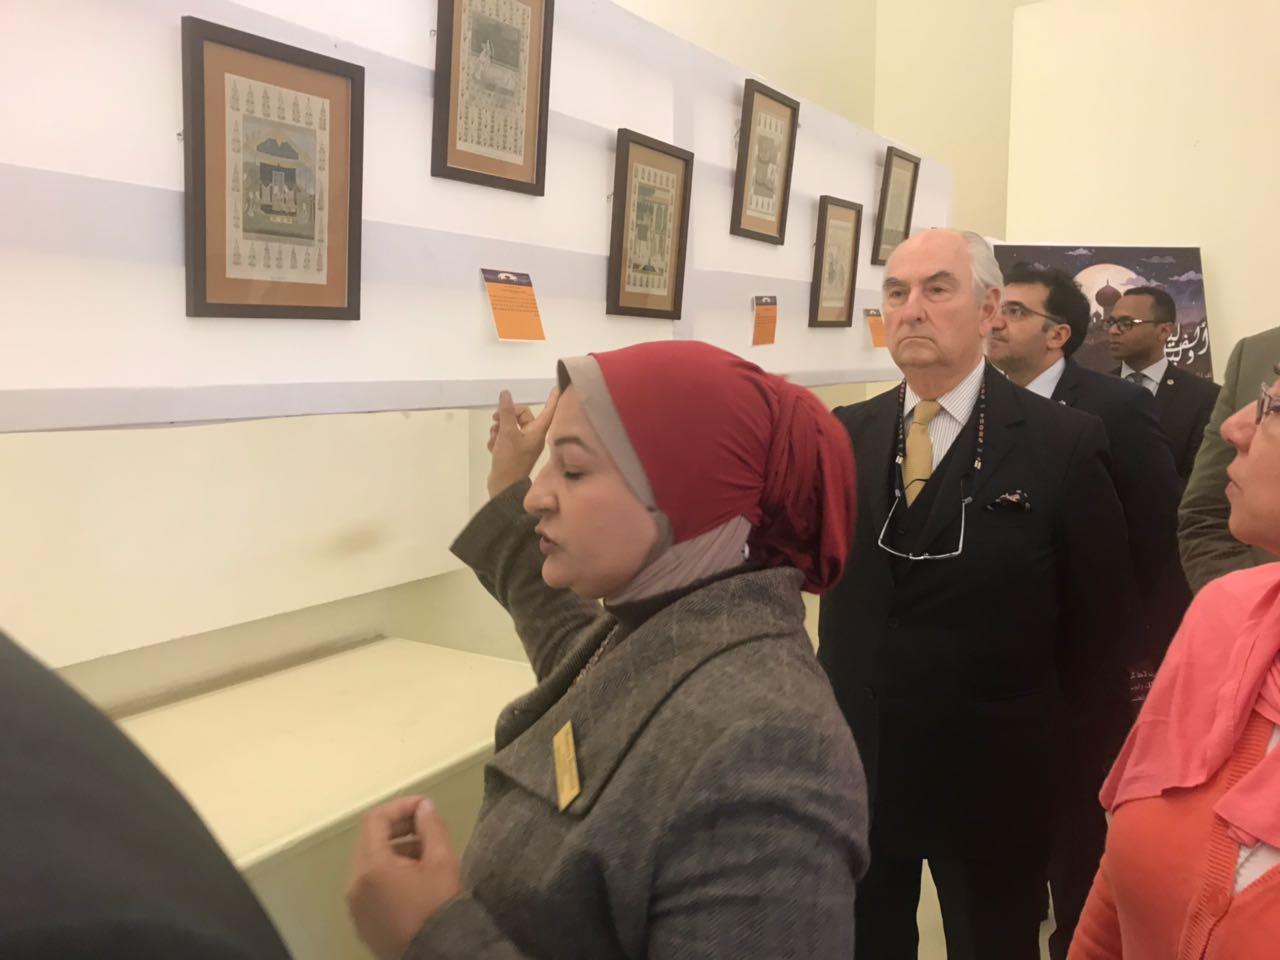 افتتاح معرض الف ليلة وليلة بمتحف قصر المنيل (10)